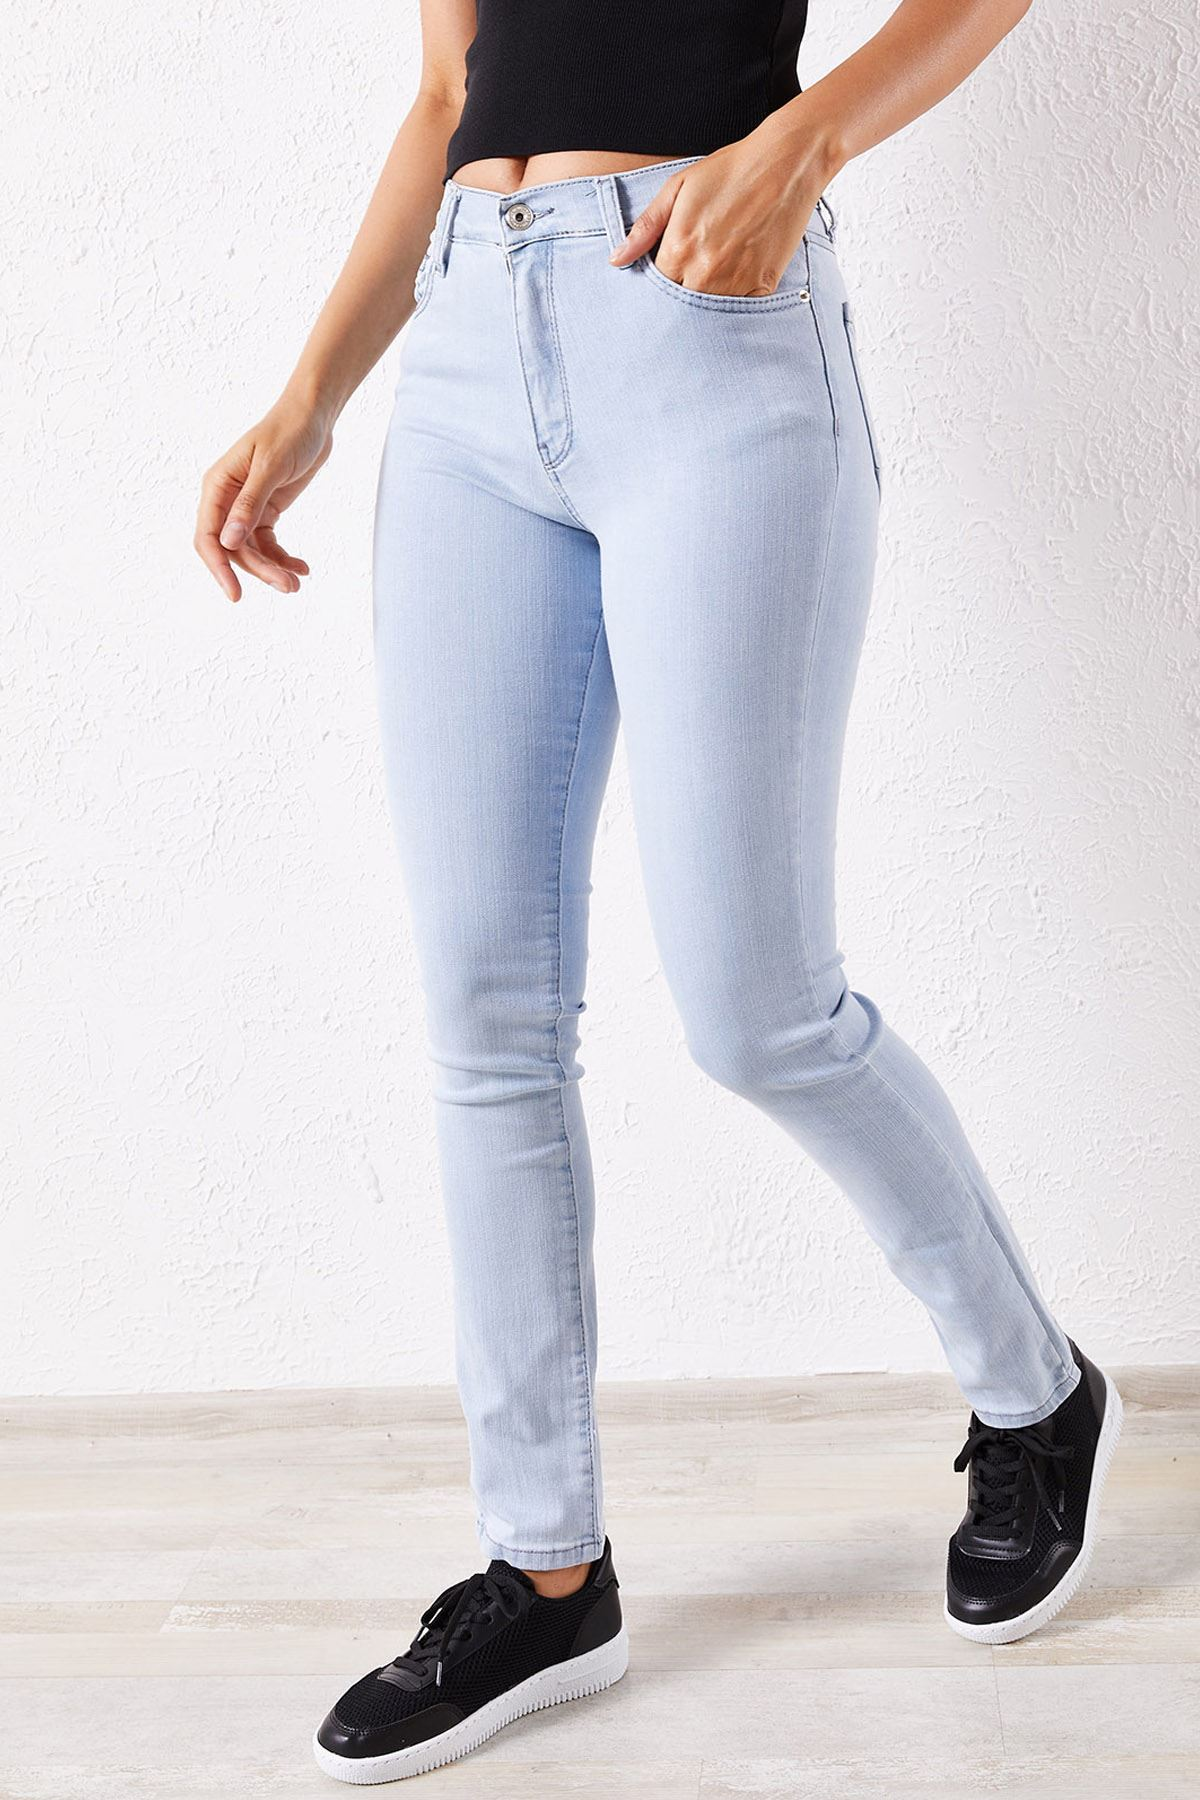 Kadın Likralı Slim Açık Mavi Kot Pantolon